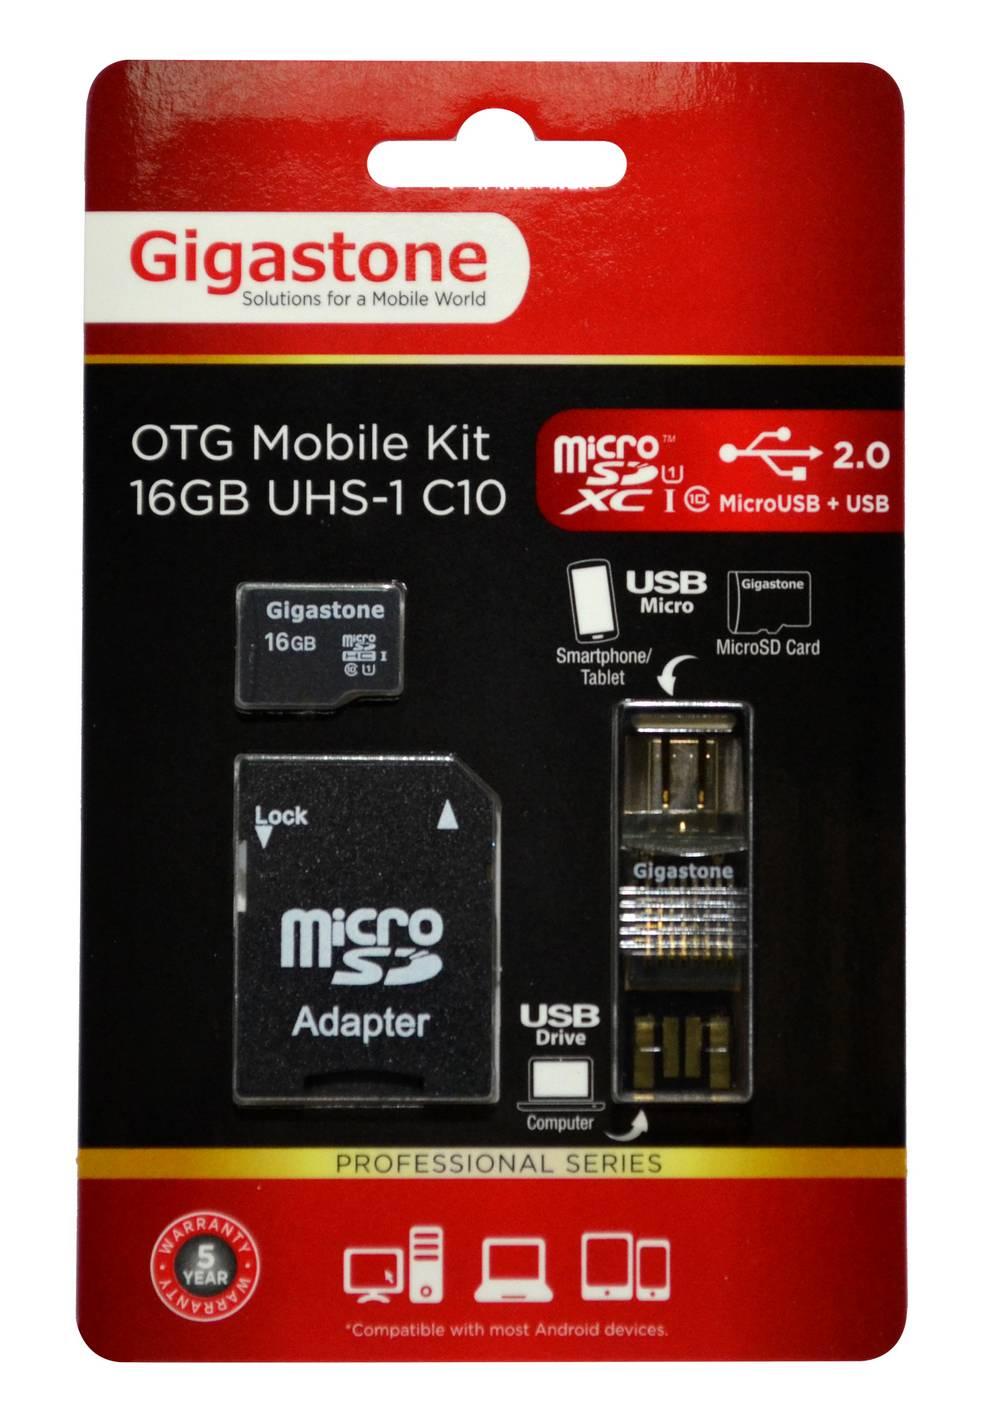 Κάρτα Μνήμης Gigastone MicroSDHC 16GB UHS-1 Class 10 Professional Series με SD Αντάπτορα + OTG Gigastone για Κάρτες Μνήμης Micro SD U102